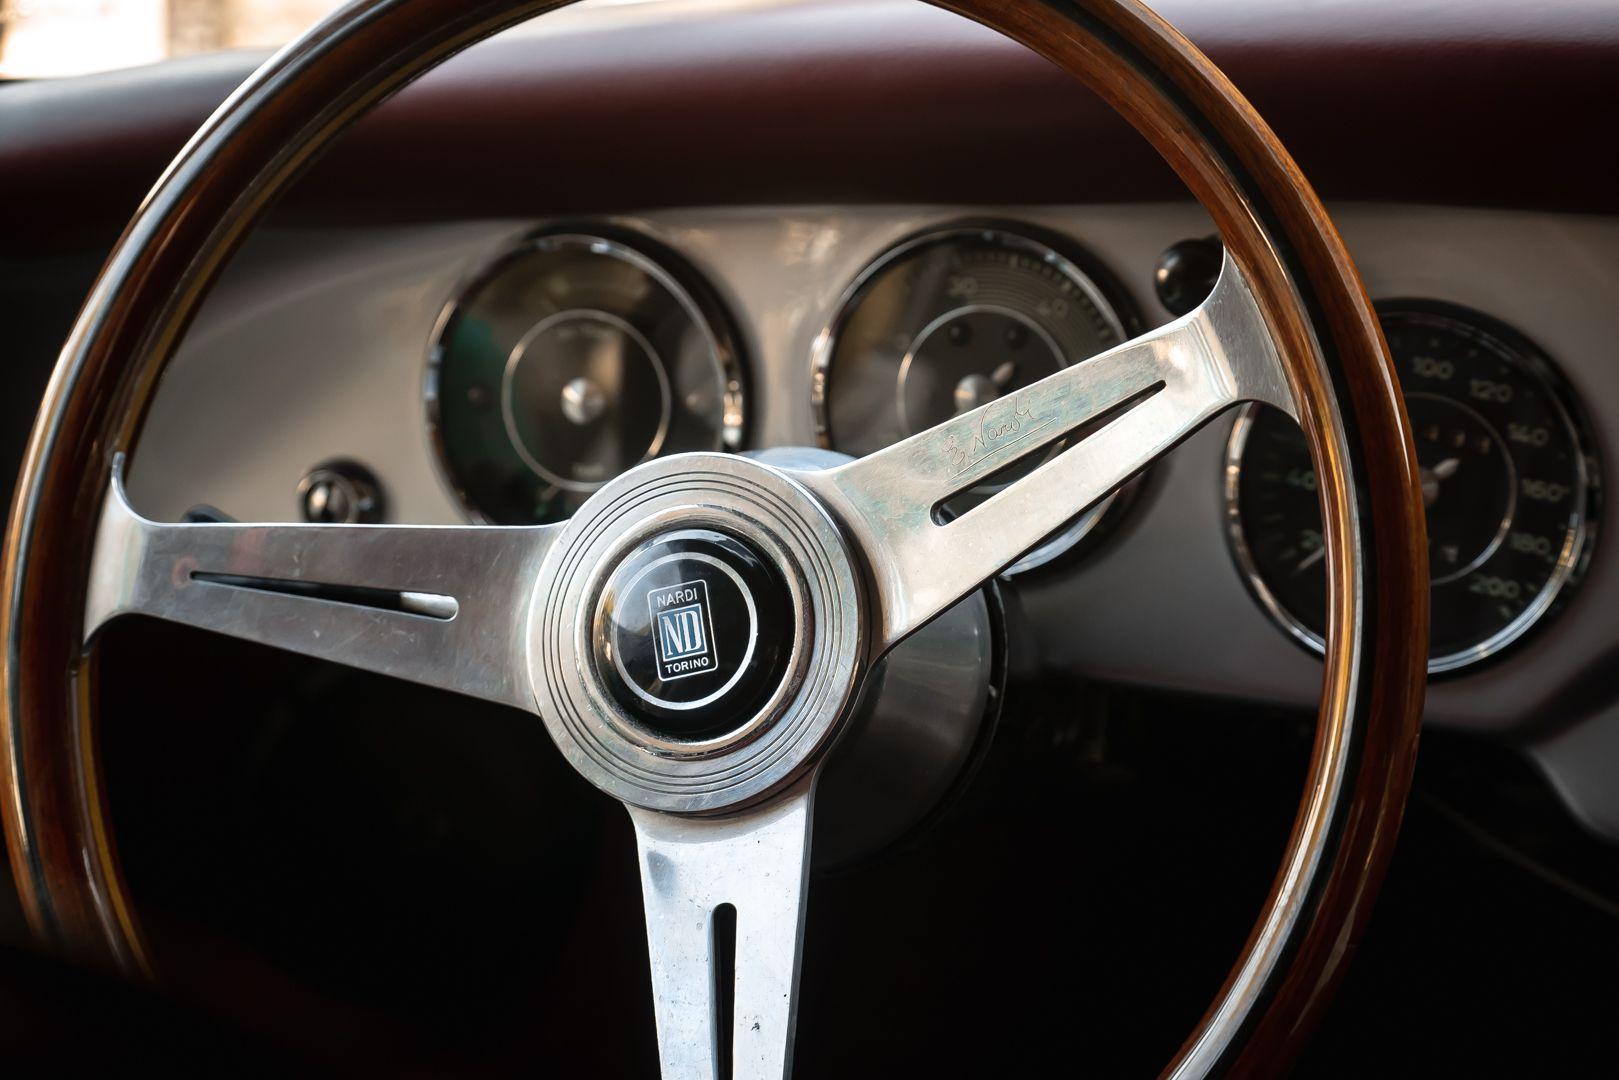 1963 Porsche 356 B 1600 S Cabriolet 76233